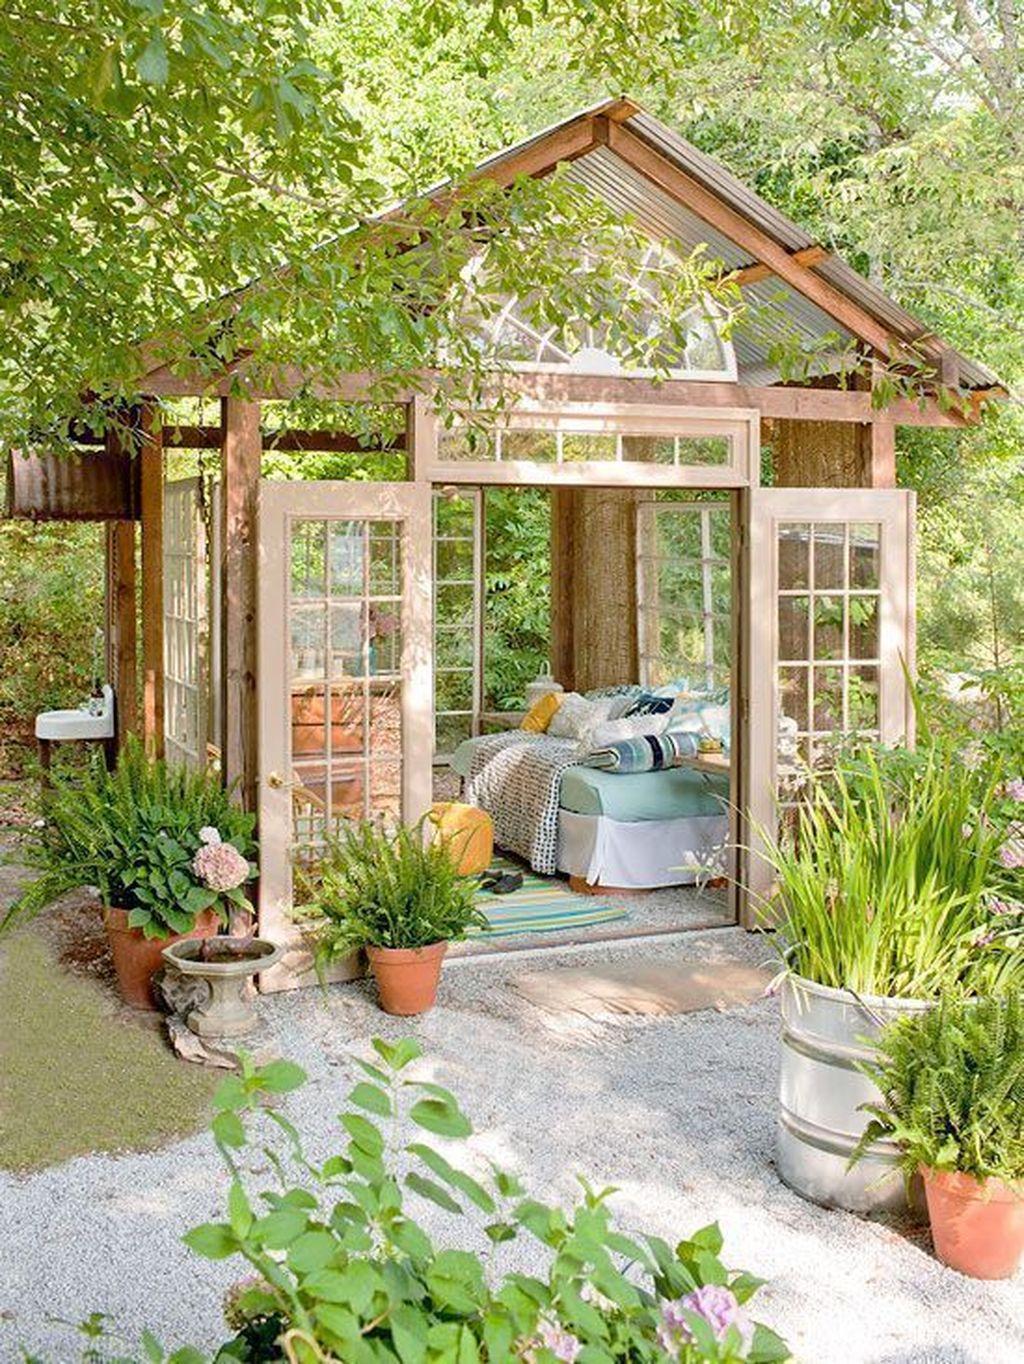 Trending Patio Garden Design Ideas Best For Summertime 25